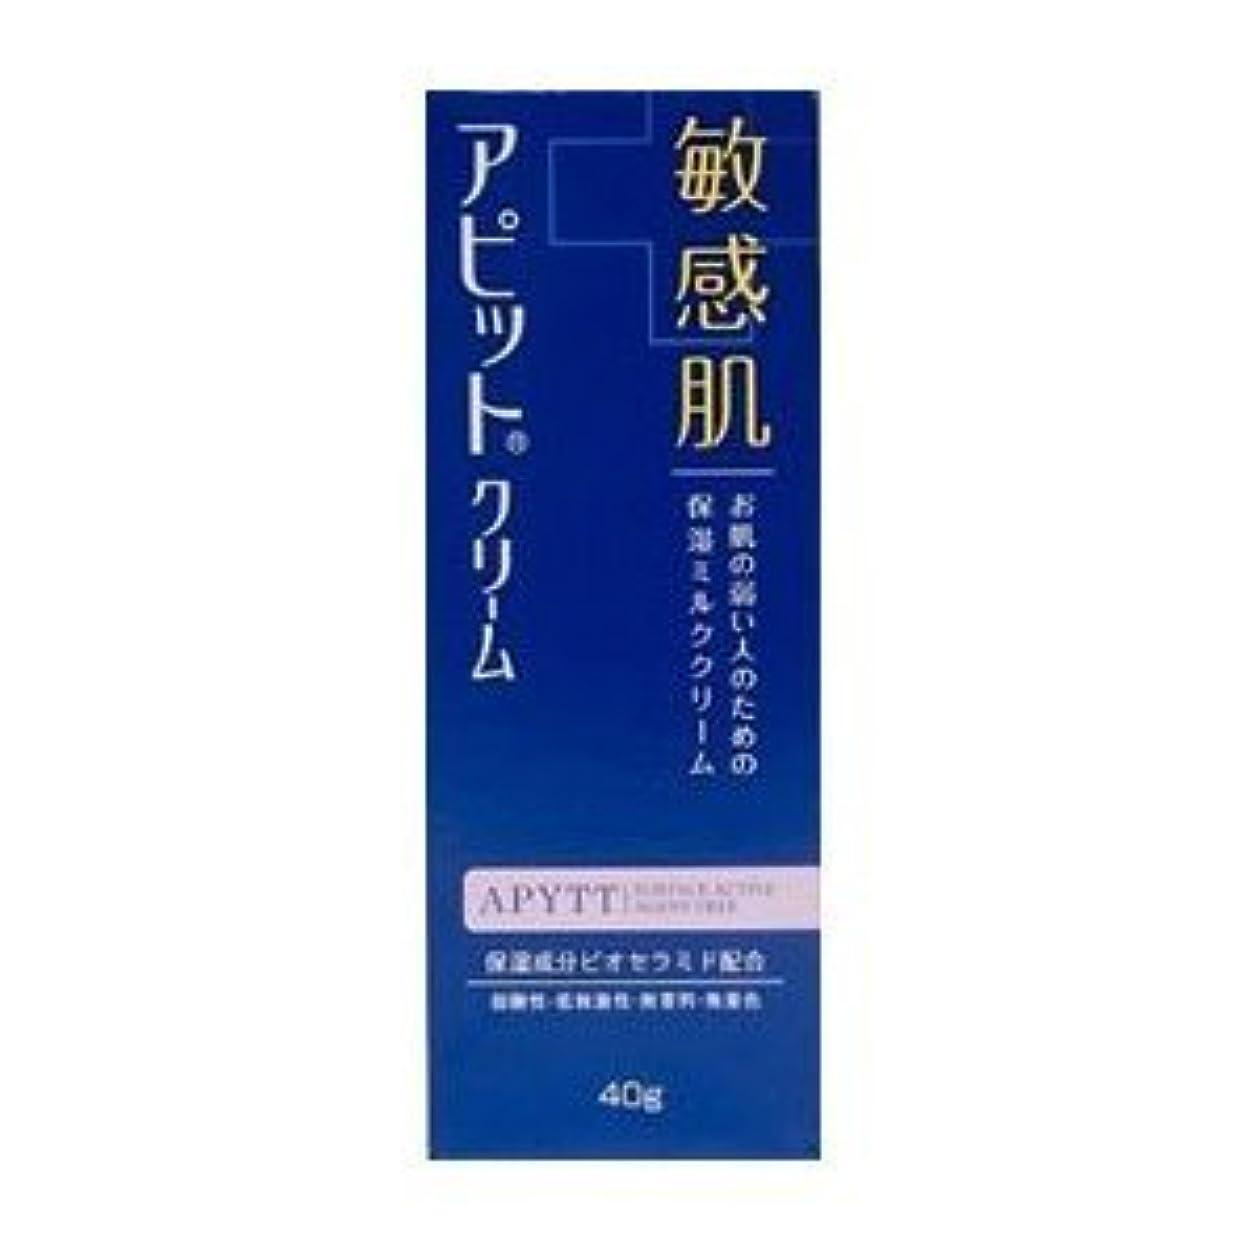 人柄コーデリア是正する全薬工業 アピットクリーム 40g×3個セット (医薬部外品)